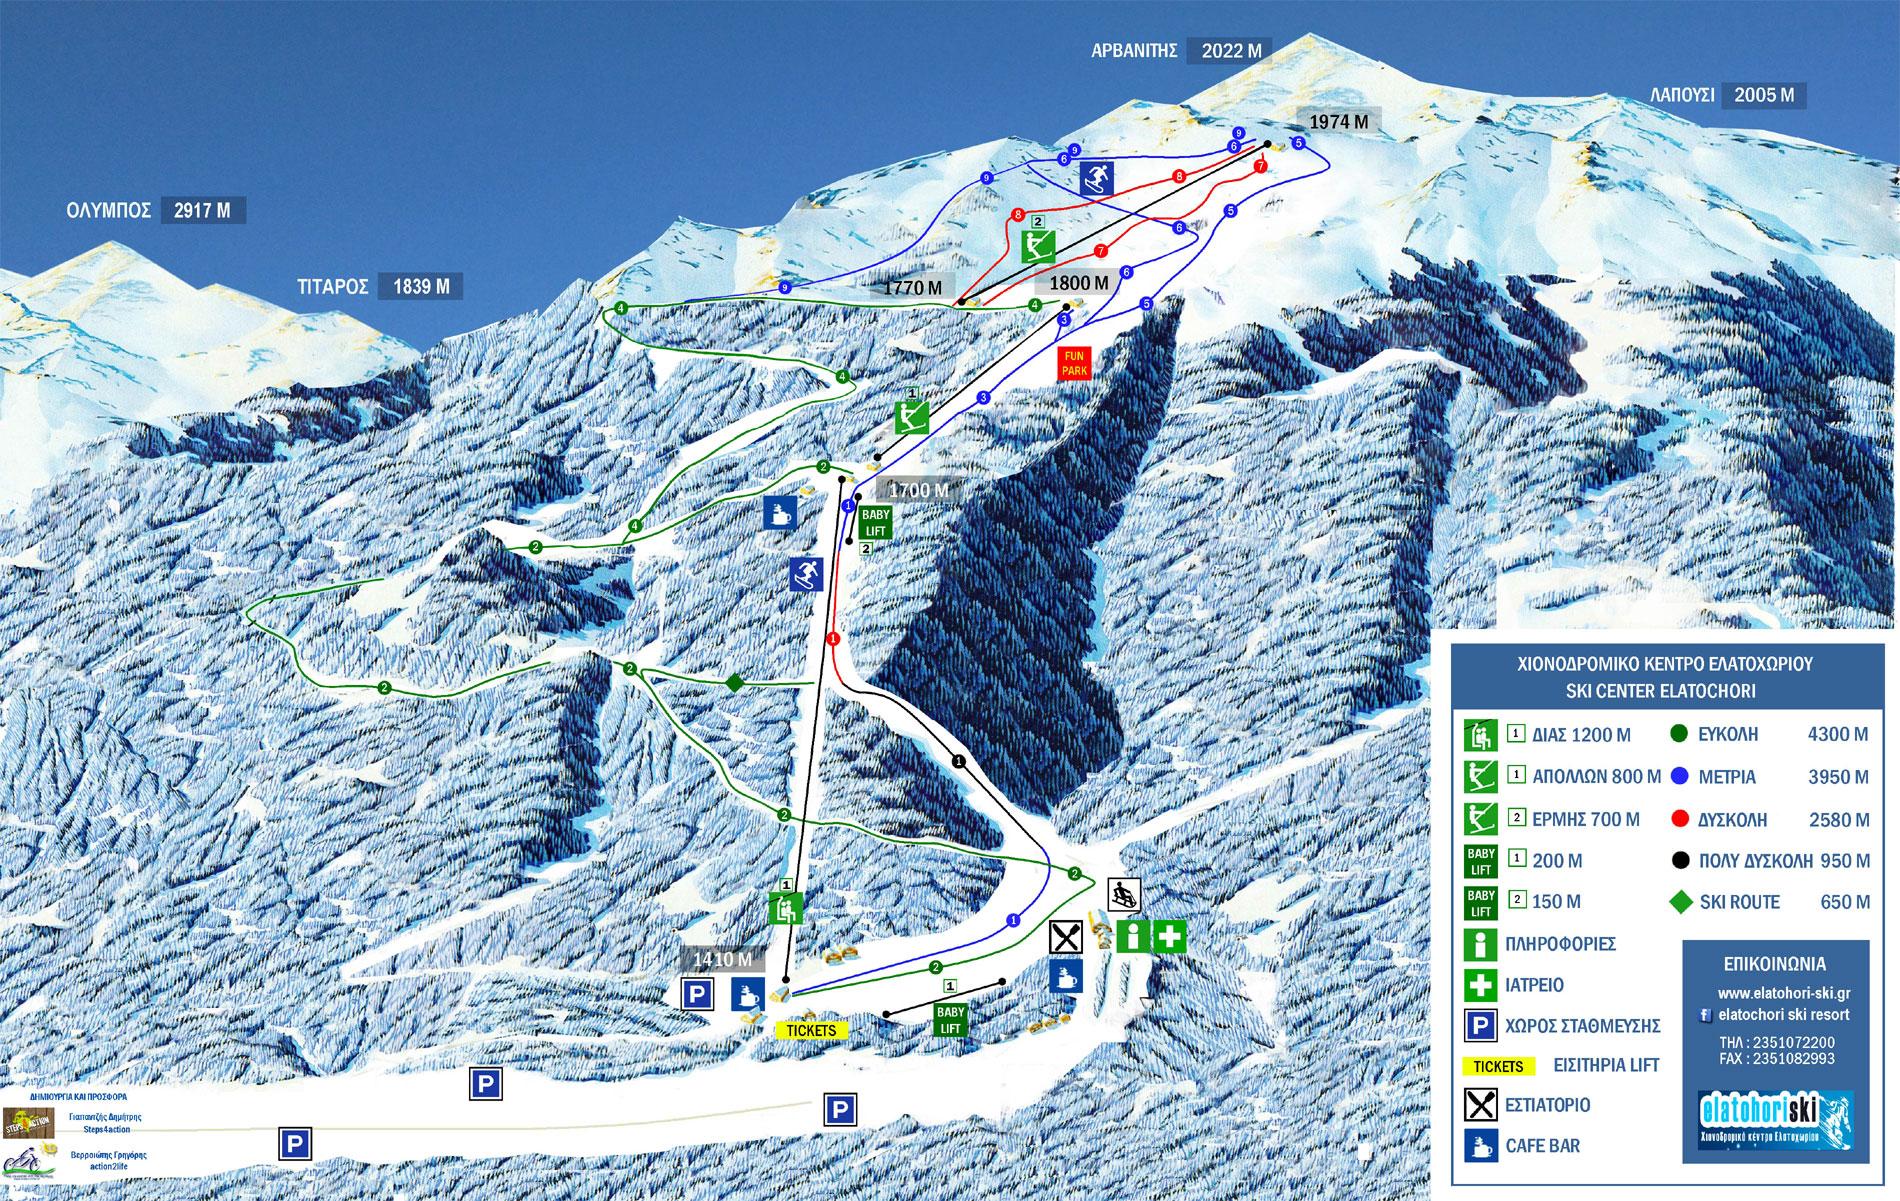 Elatochori Slopes-Ski Map / Χάρτης Πιστών-Σκι Ελατοχώρι